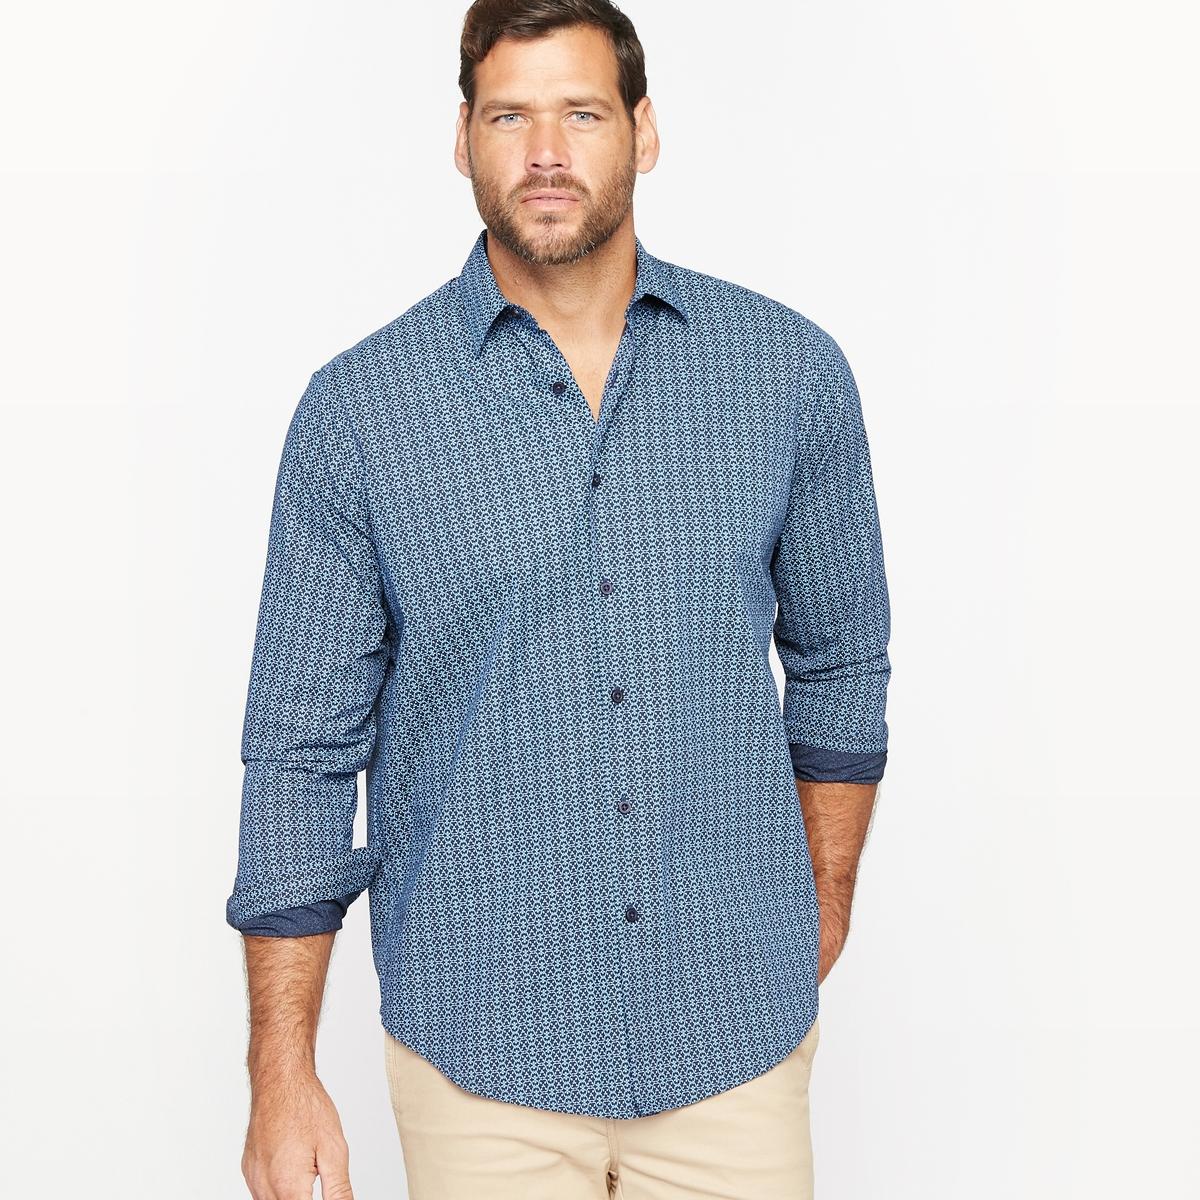 Рубашка с рисункомМатериал : Поплин из 100% хлопка.Длина передней части от 83 до 90 см в зависимости от размера.Марка : CASTALUNA FOR MEN.Уход : Машинная стирка при 30 °C.<br><br>Цвет: рисунок темно-синий<br>Размер: 41/42.51/52.49/50.47/48